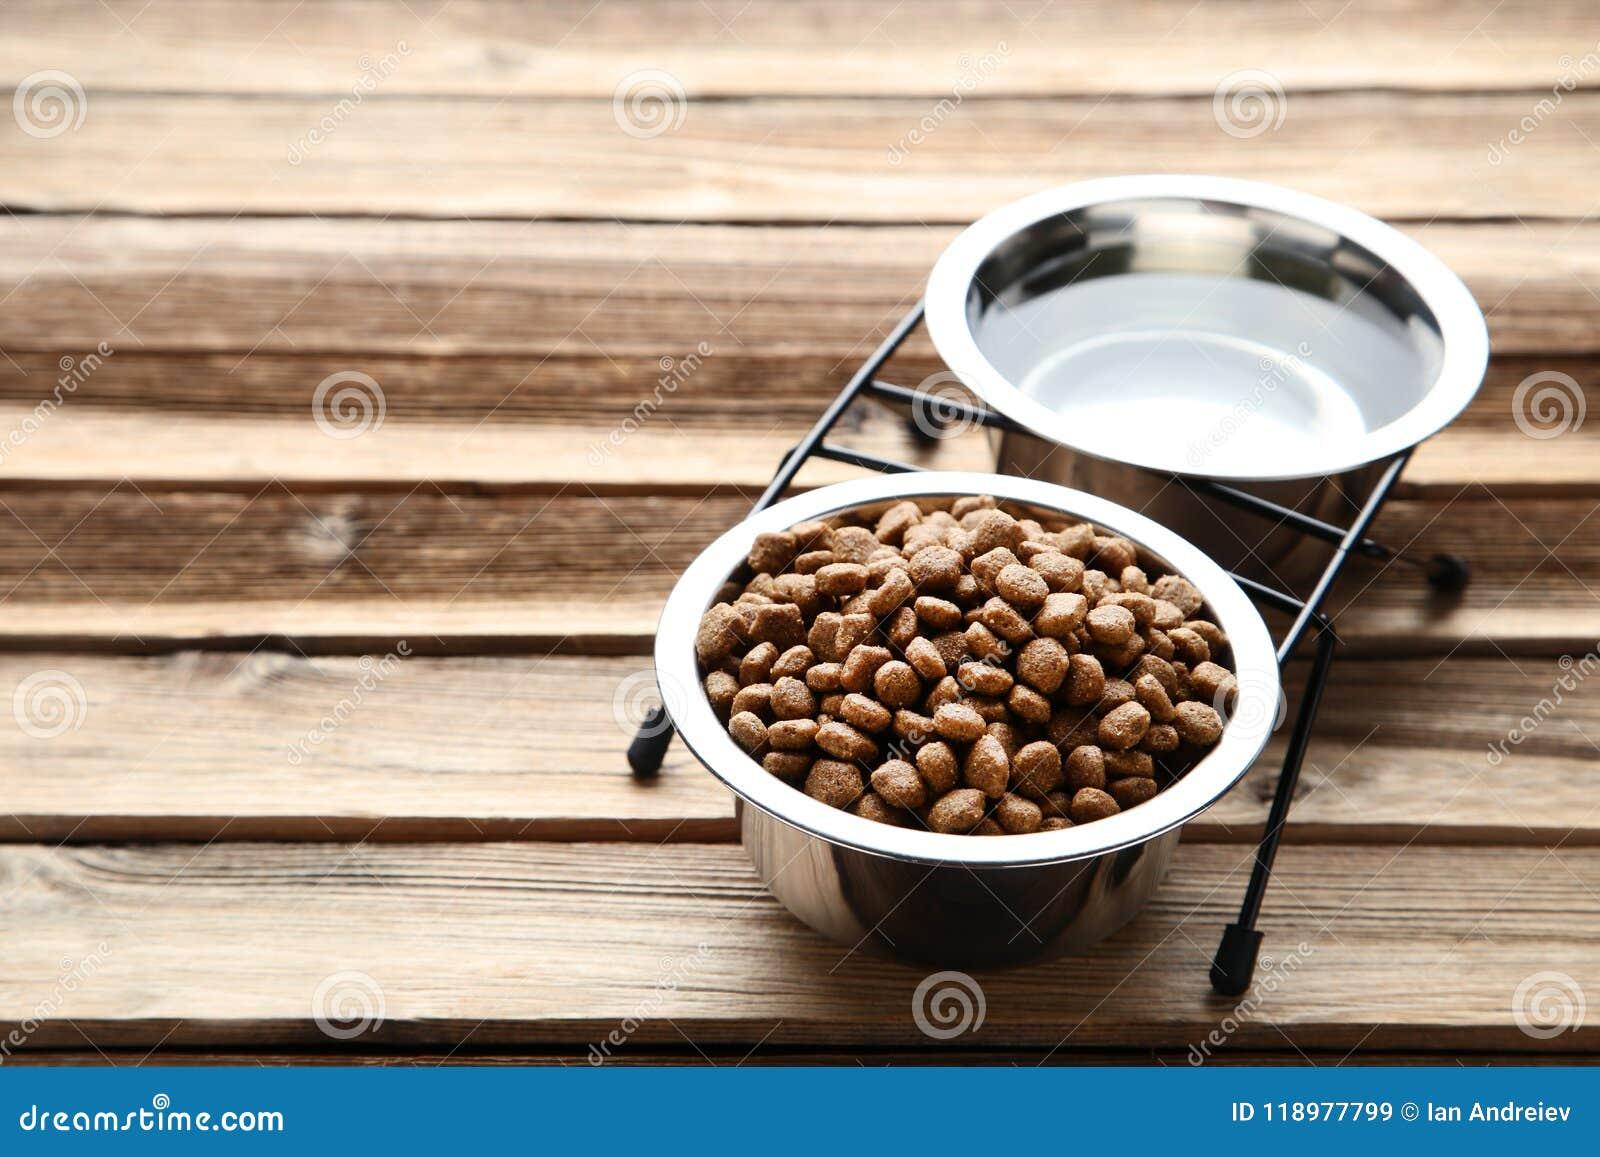 Comida de gato e água